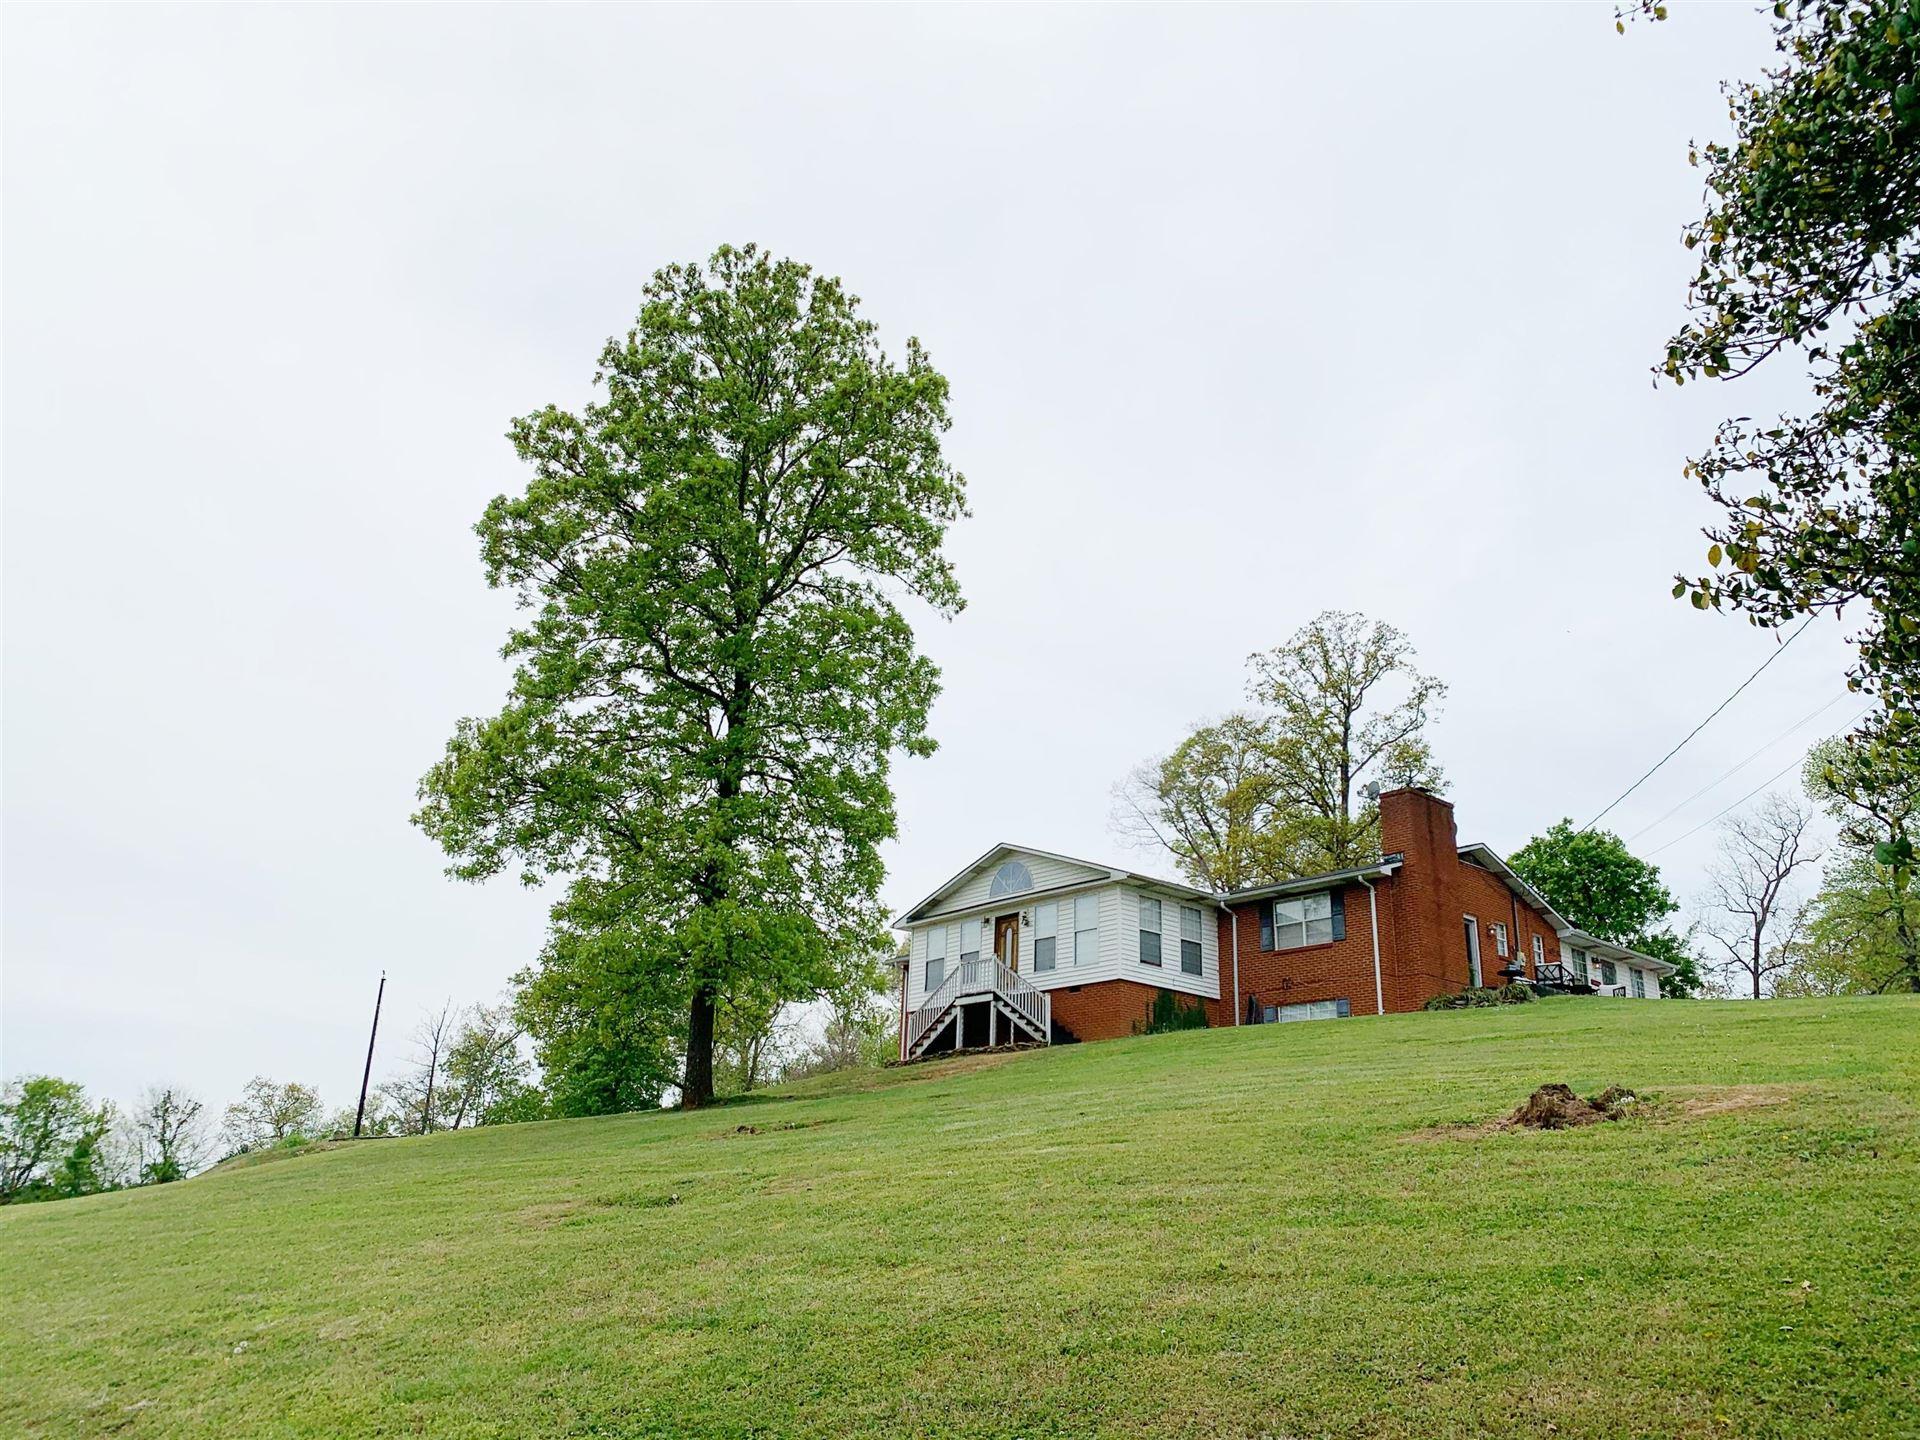 Photo of 2633 Mint Rd, Maryville, TN 37803 (MLS # 1149357)